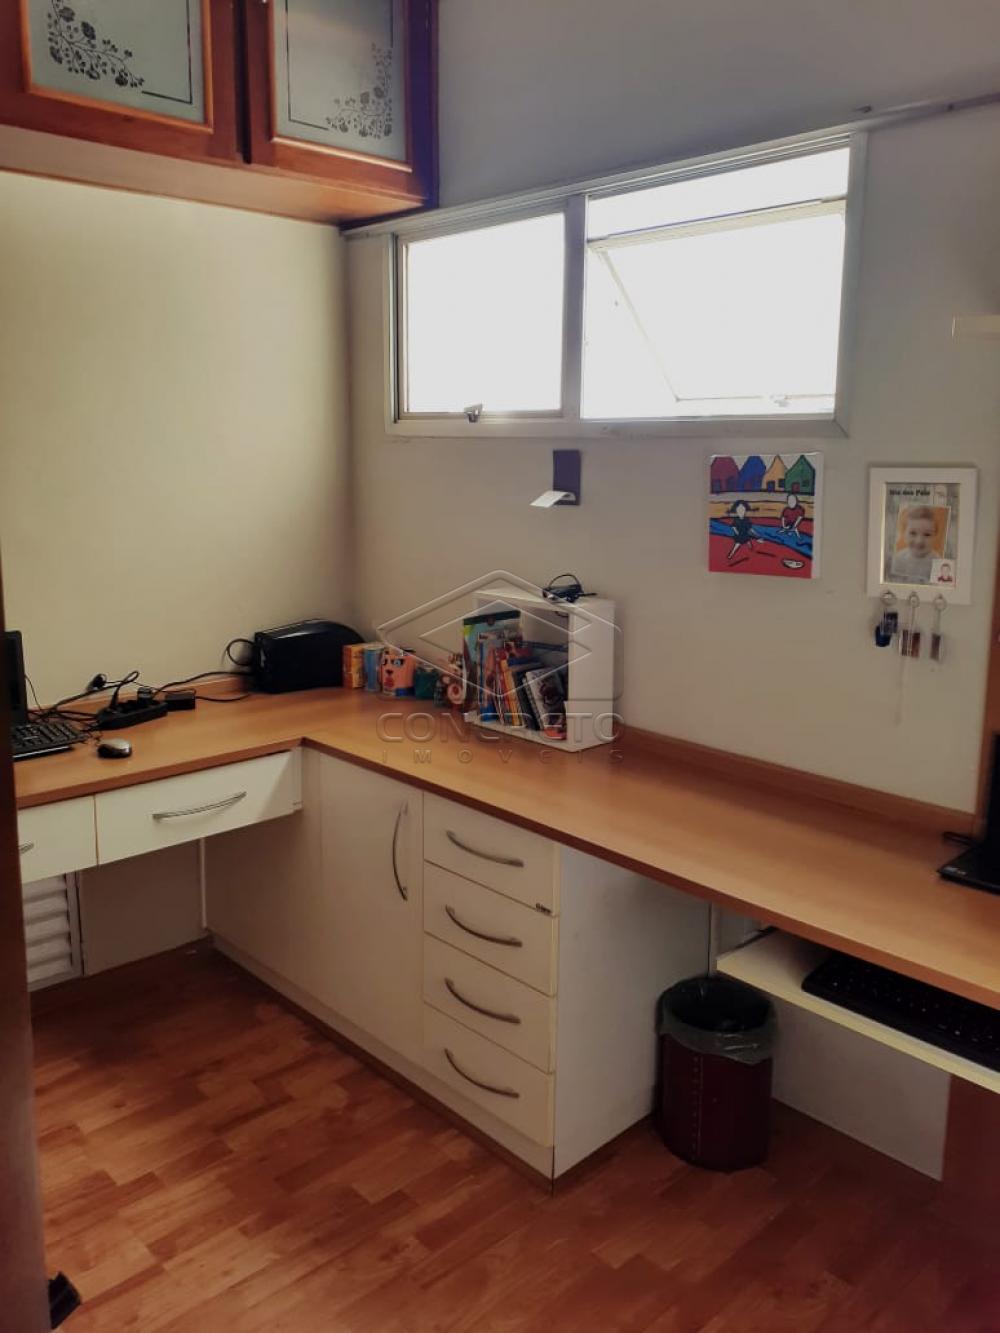 Comprar Apartamento / Padrão em Bauru apenas R$ 450.000,00 - Foto 17